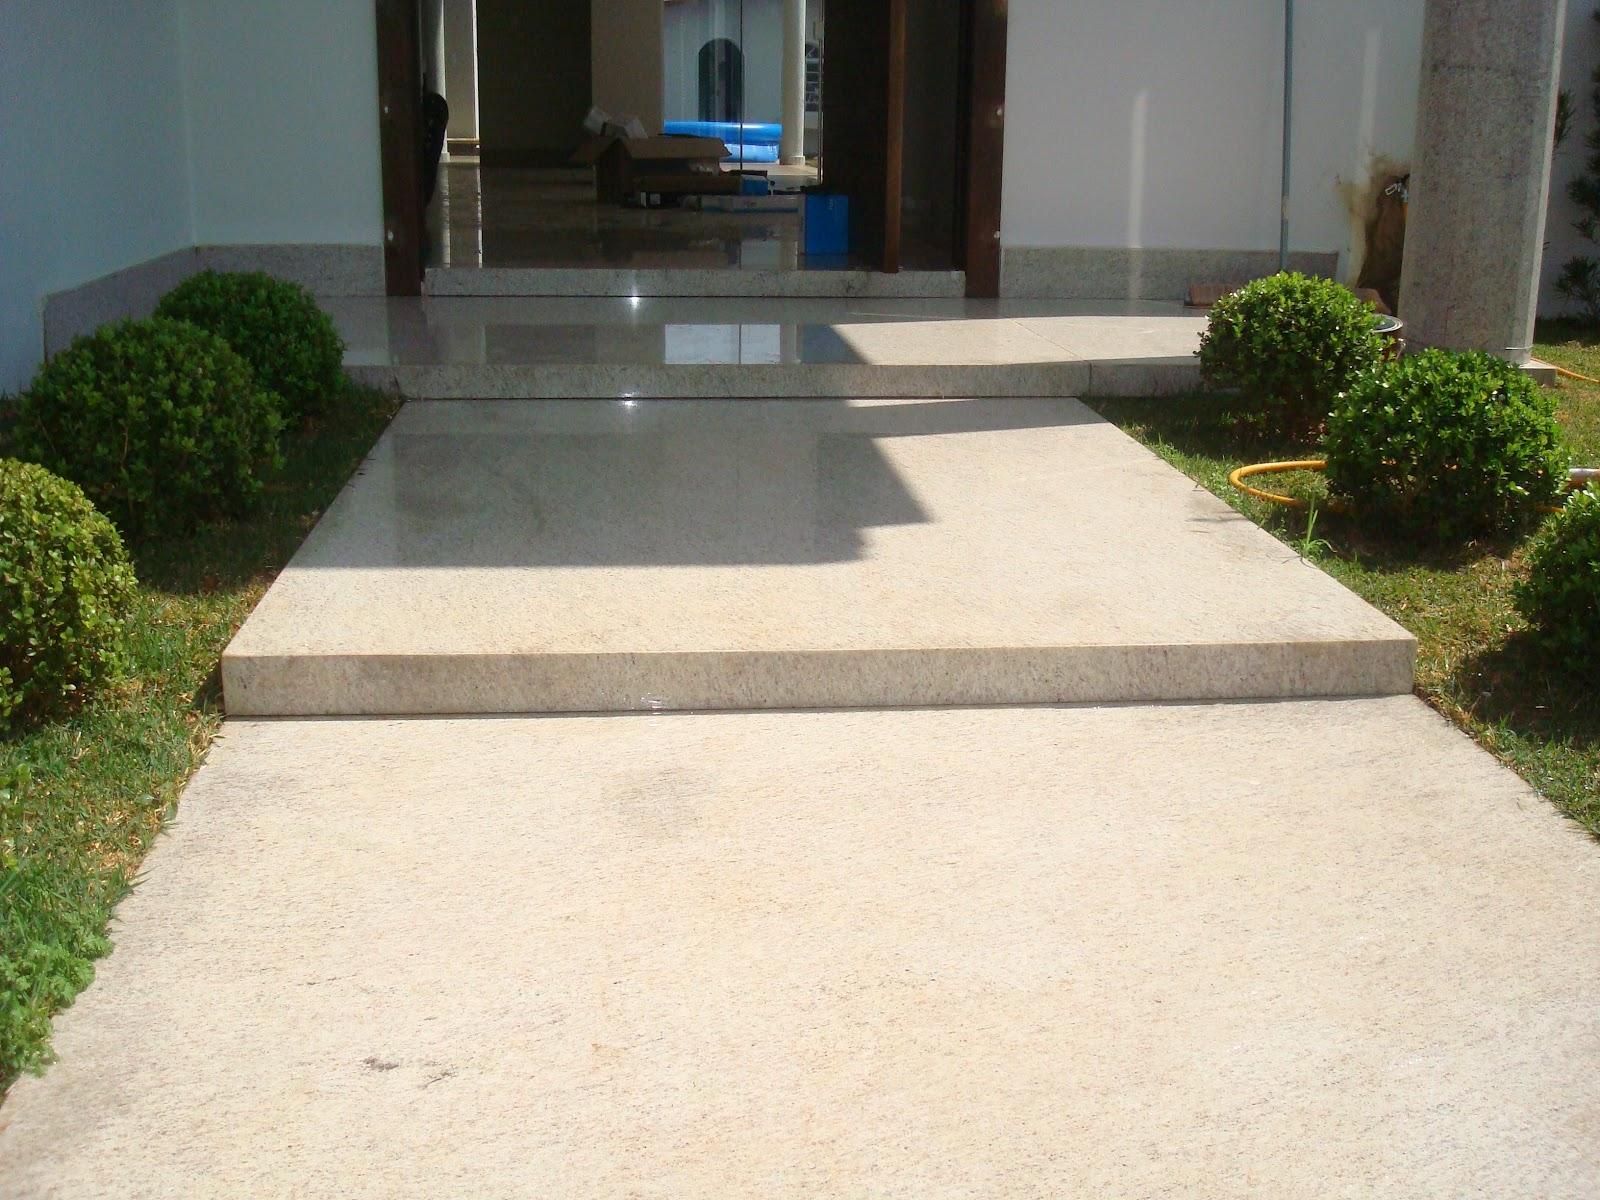 Construindo um castelinho piso de granito - Fotos de granito ...